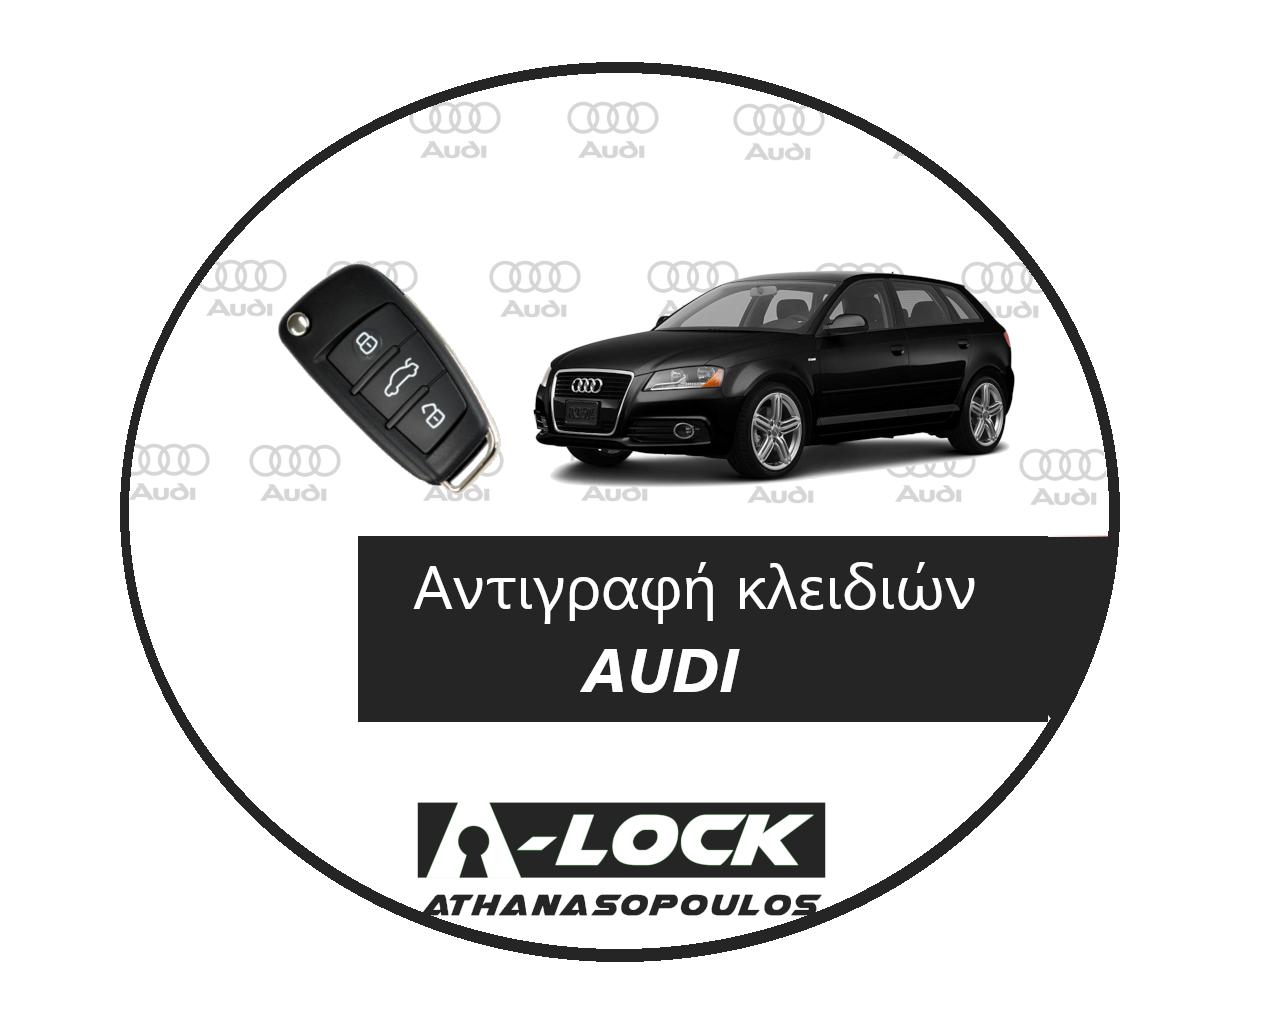 Αντιγραφές Κλειδιών Immobilizer Αυτοκινήτου Audi - 24 Ωρες Κλειδαράς Γαλάτσι A-Lock Αθανασόπουλος